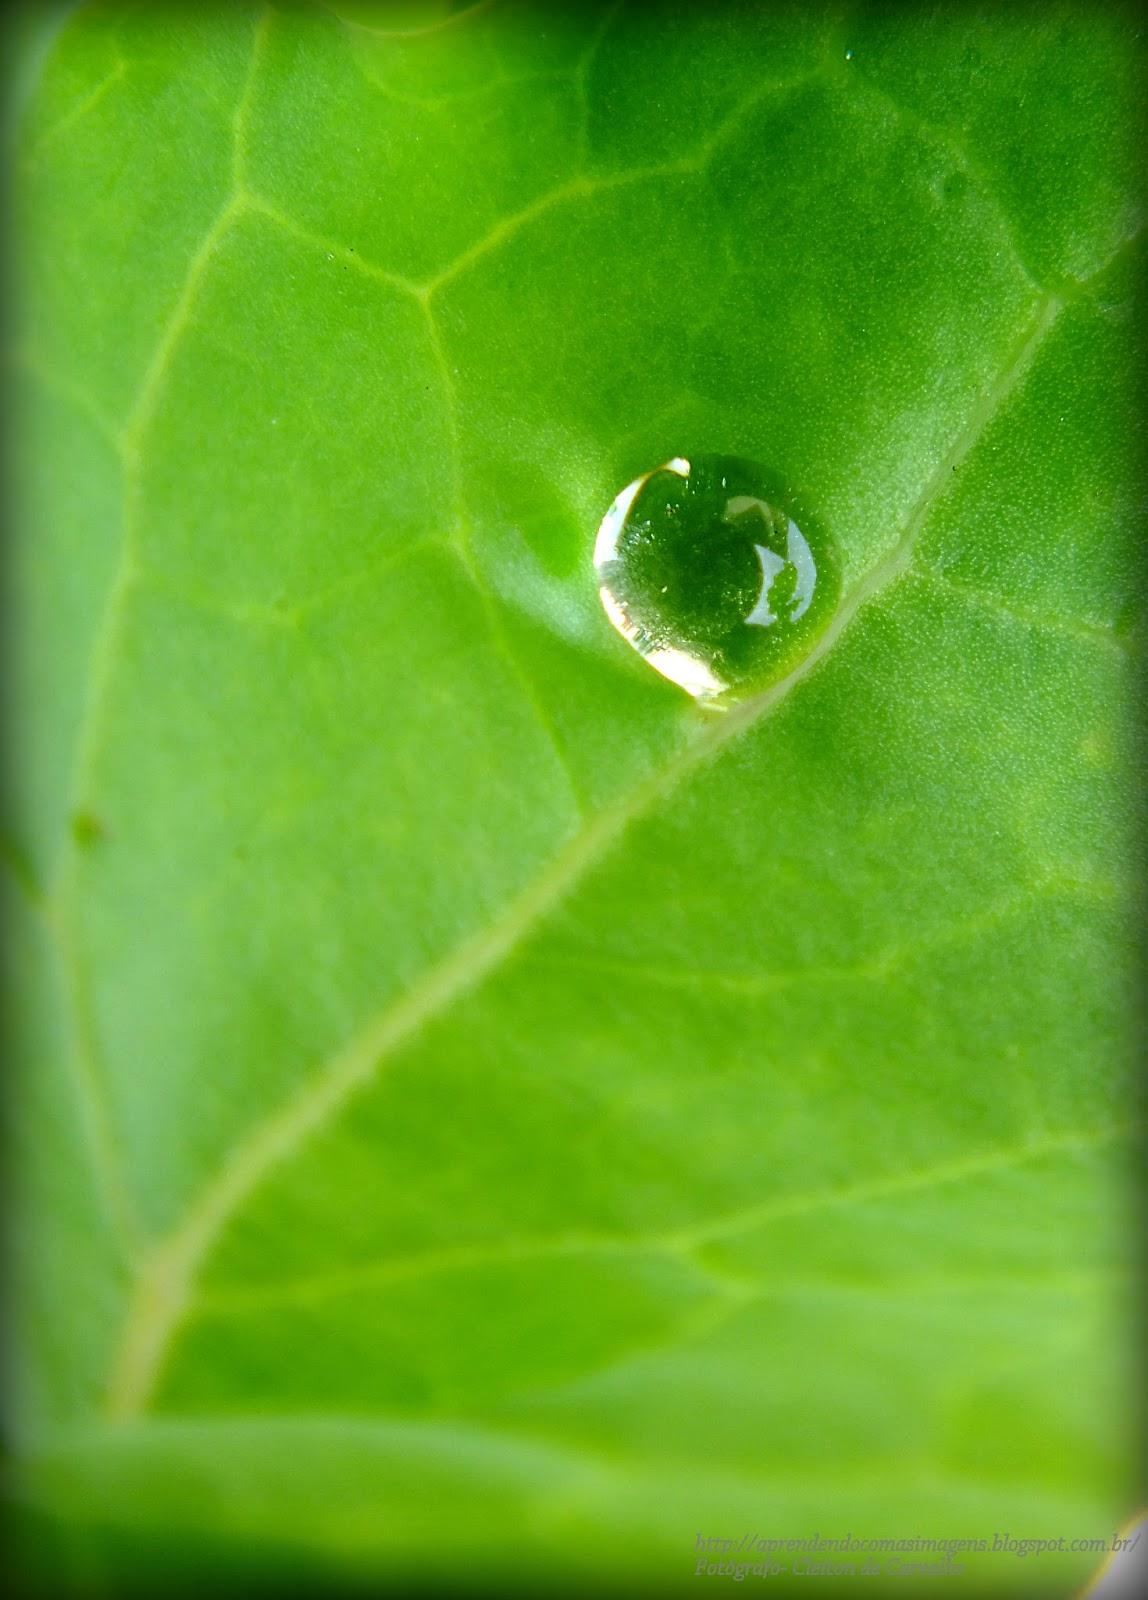 http://aprendendocomasimagens.blogspot.com/2013/09/o-anseio-pela-existencia.html - A natureza busca na simplicidade o valor da vida